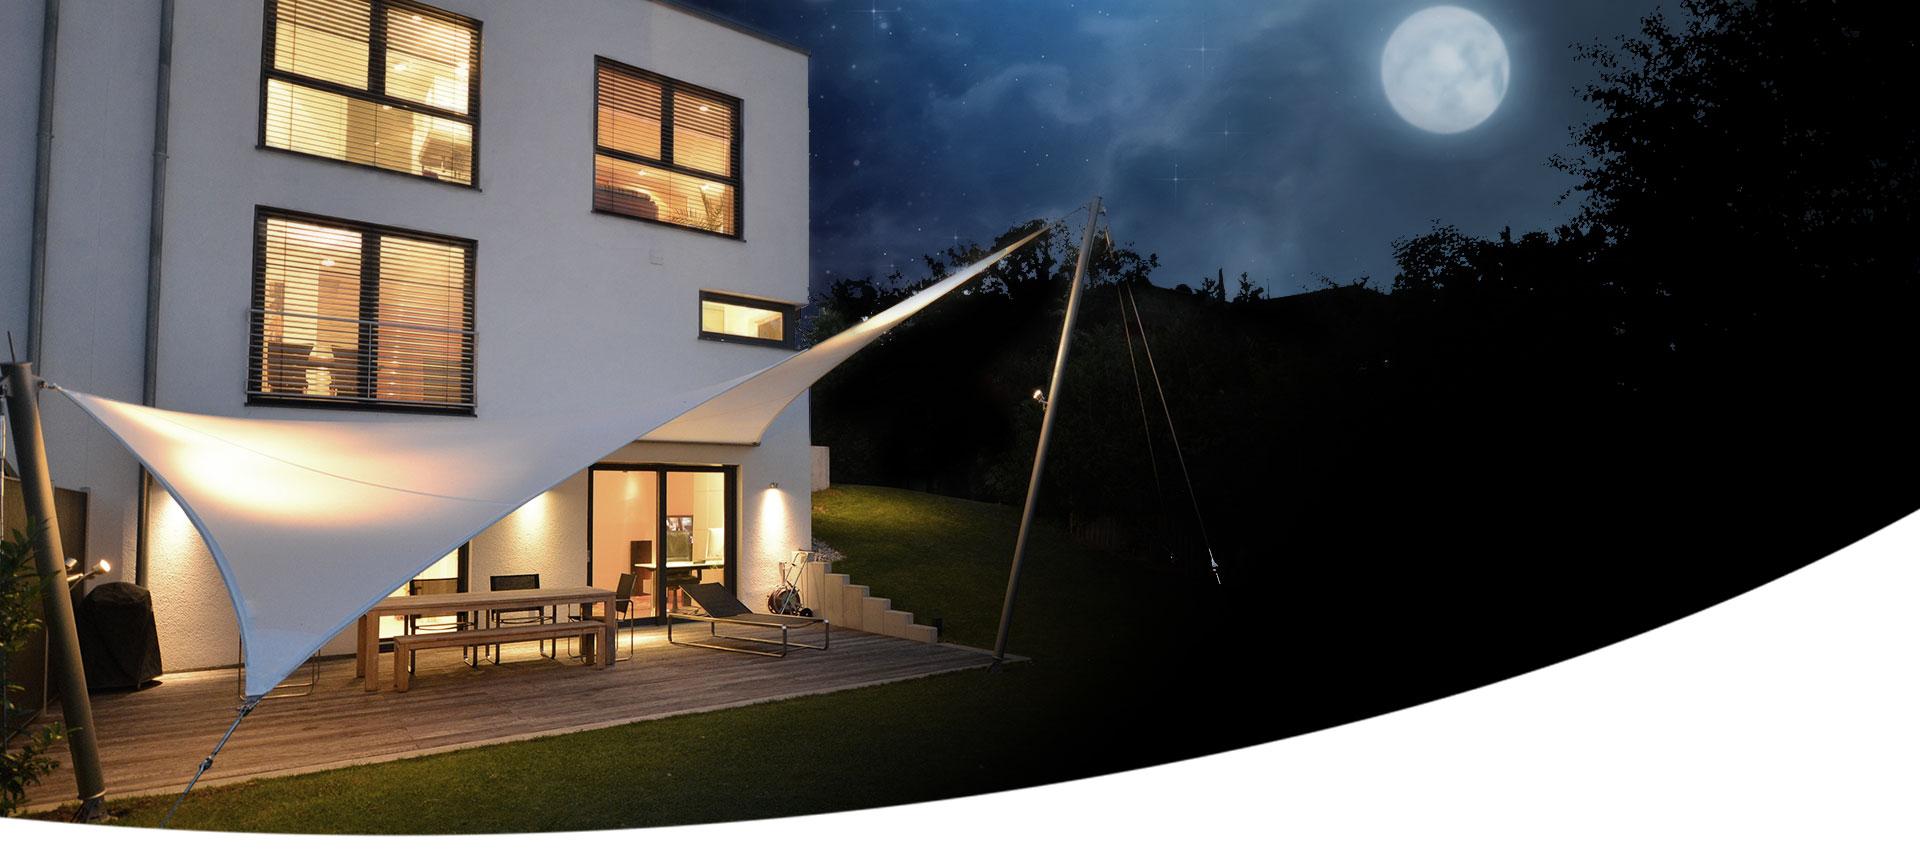 aeronautec Mehrpunkt Sonnensegel für Terrasse & Garten | optimaler Sonnen- und Wetterschutz, wasserdicht und sturmsicher